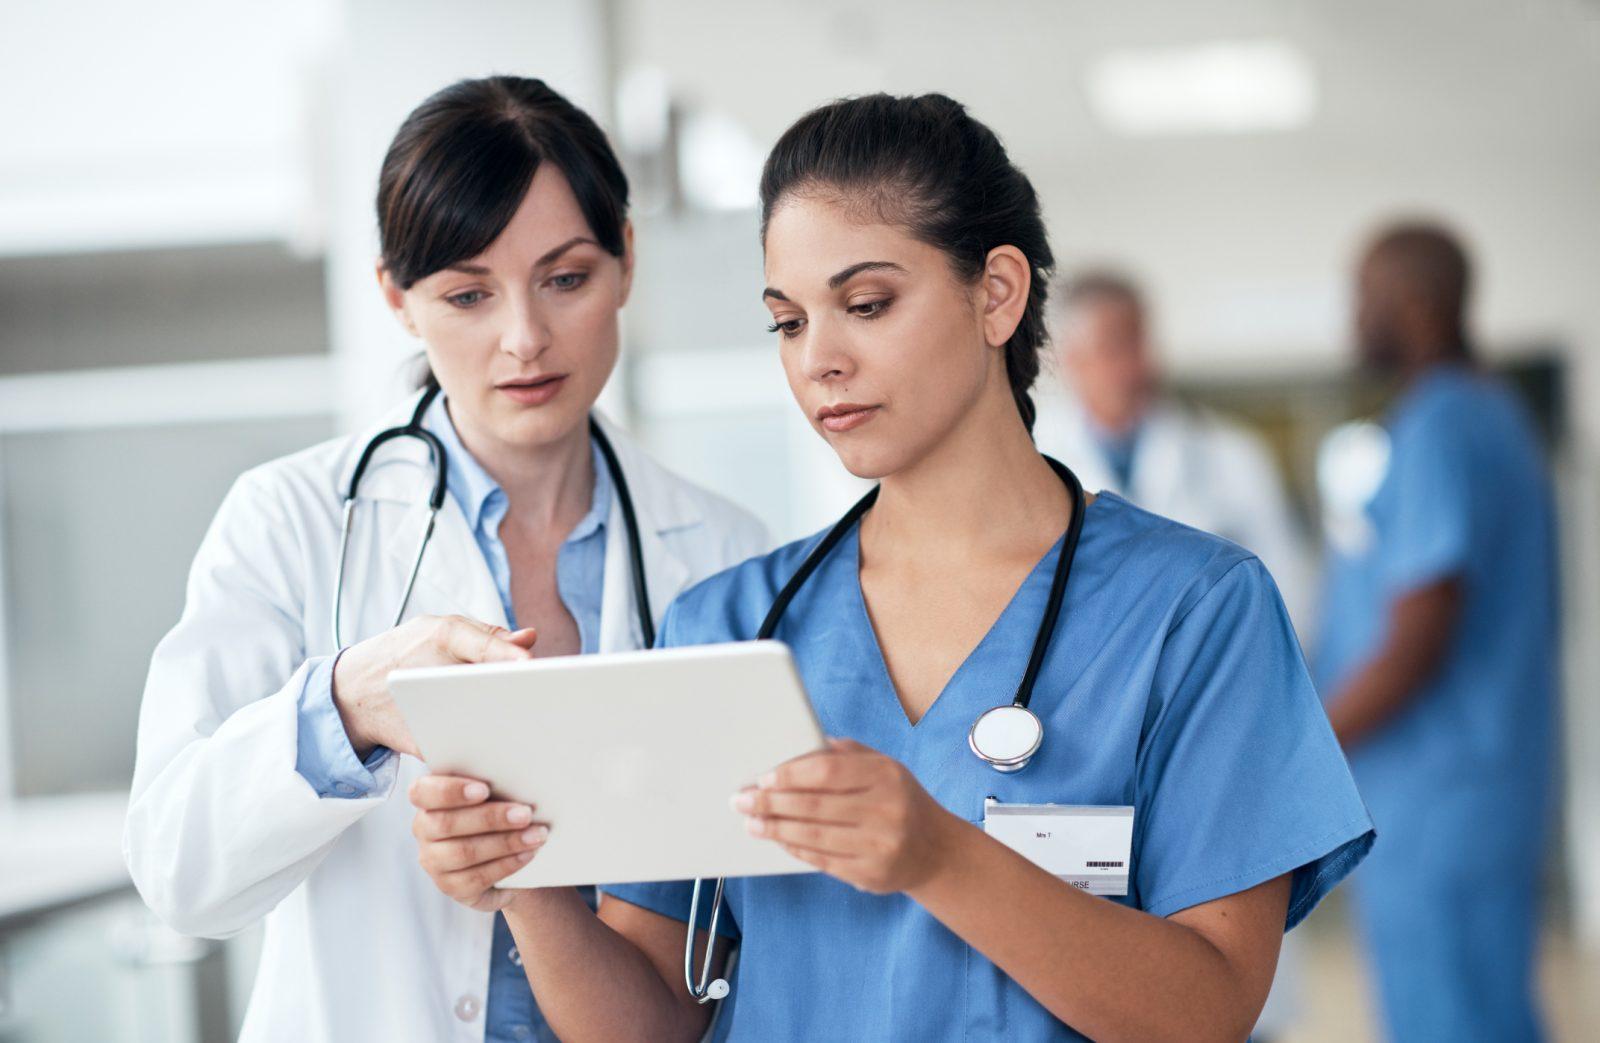 två kvinnliga läkare tittar på samma dokument